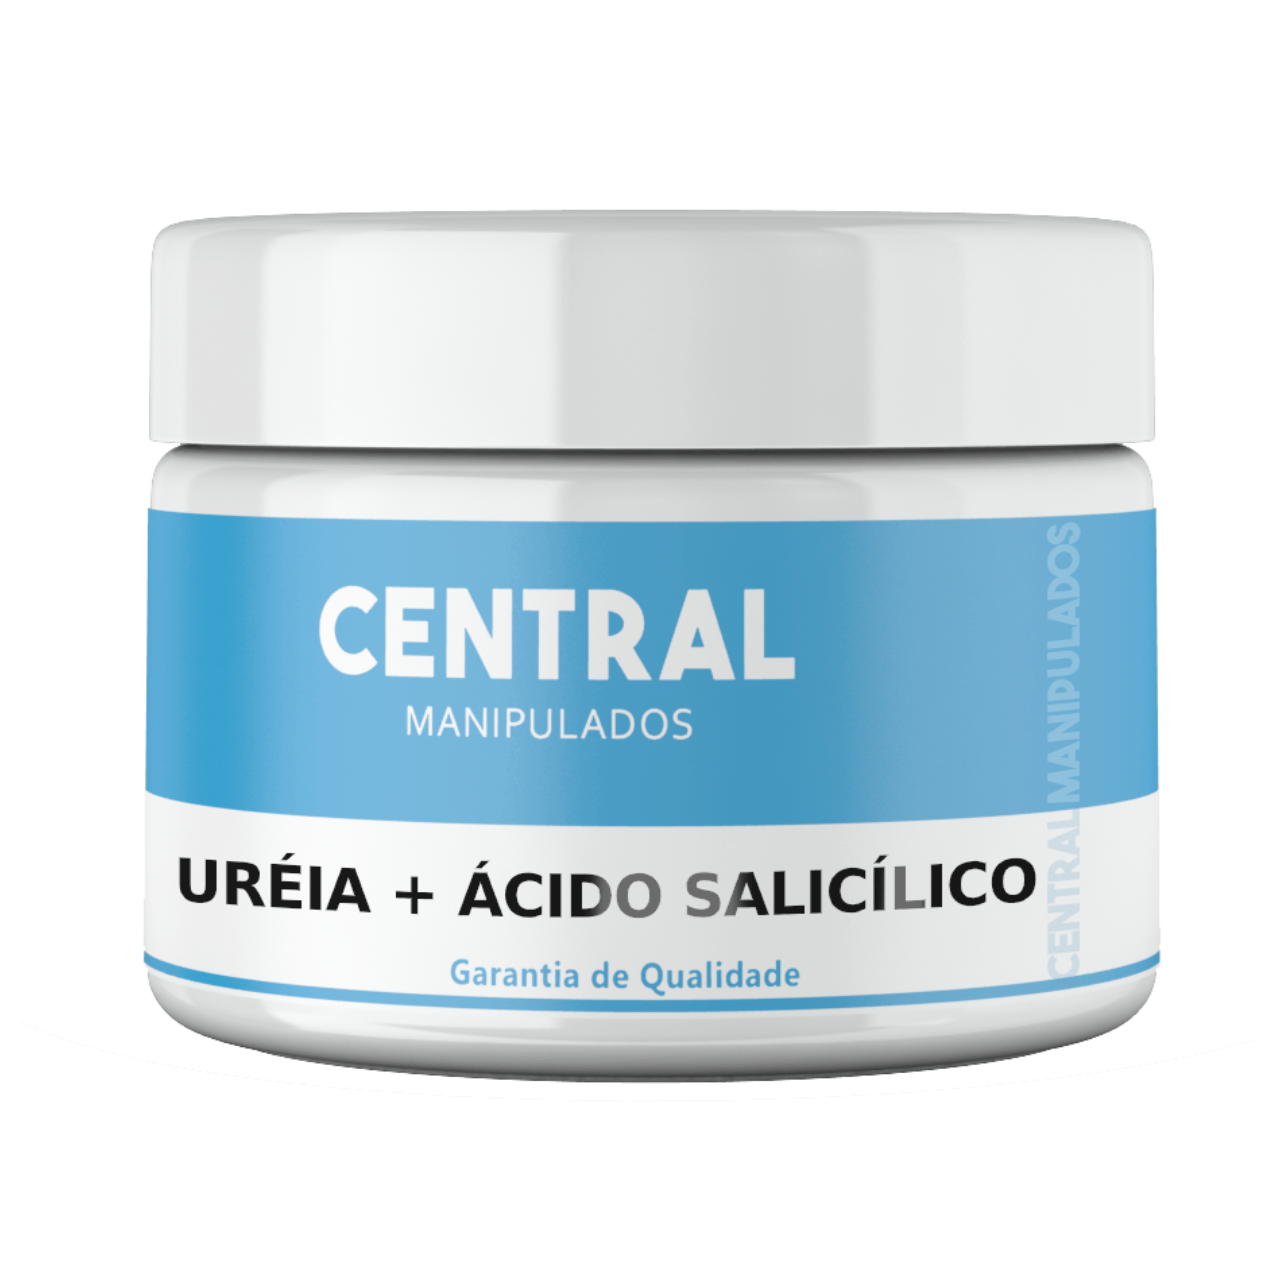 Ácido salicílico 3% com Uréia 10%  - Creme 300g - Renovação para a pele, previne rugas, espinhas, controla oleosidade